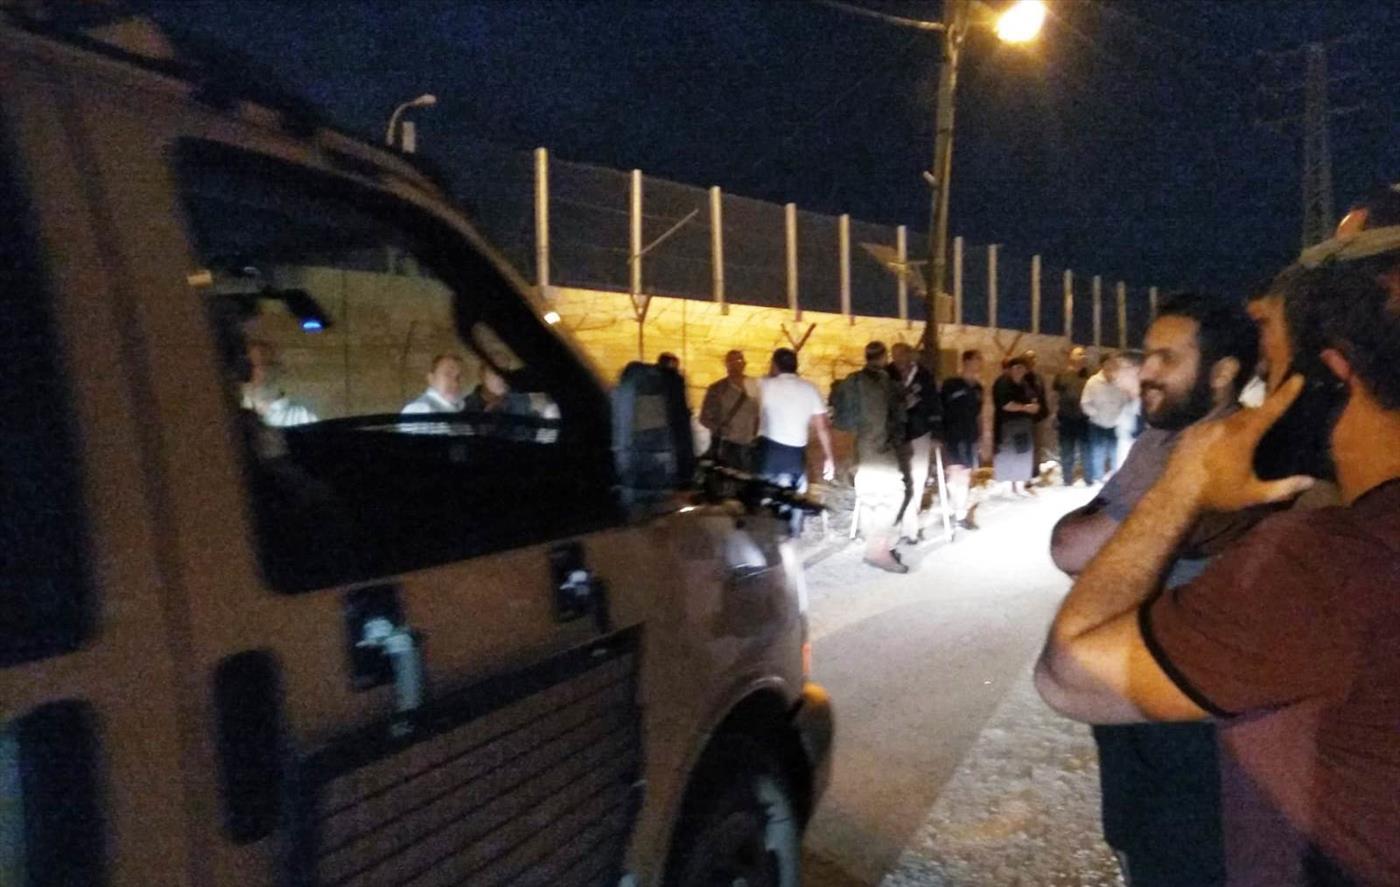 ההפגנה בבית אל בשבוע שעבר (הוואצאפ האדום של הקול היהודי)